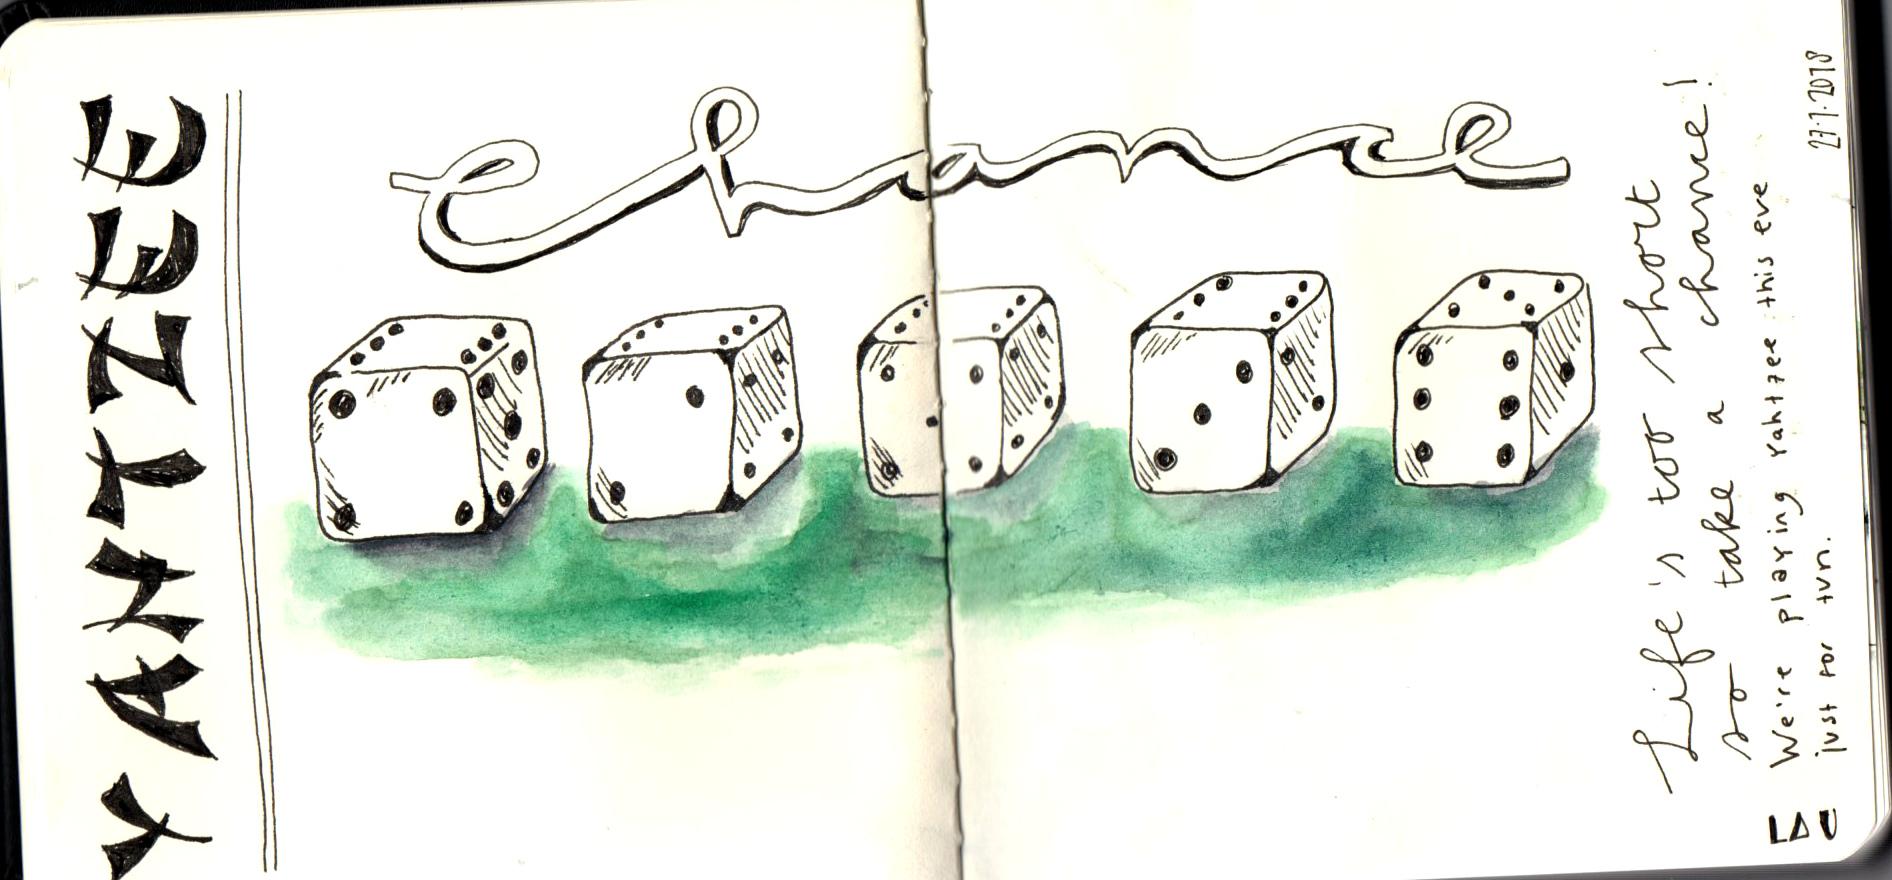 Dreamit Drawit Doit 6 Laurien Baart